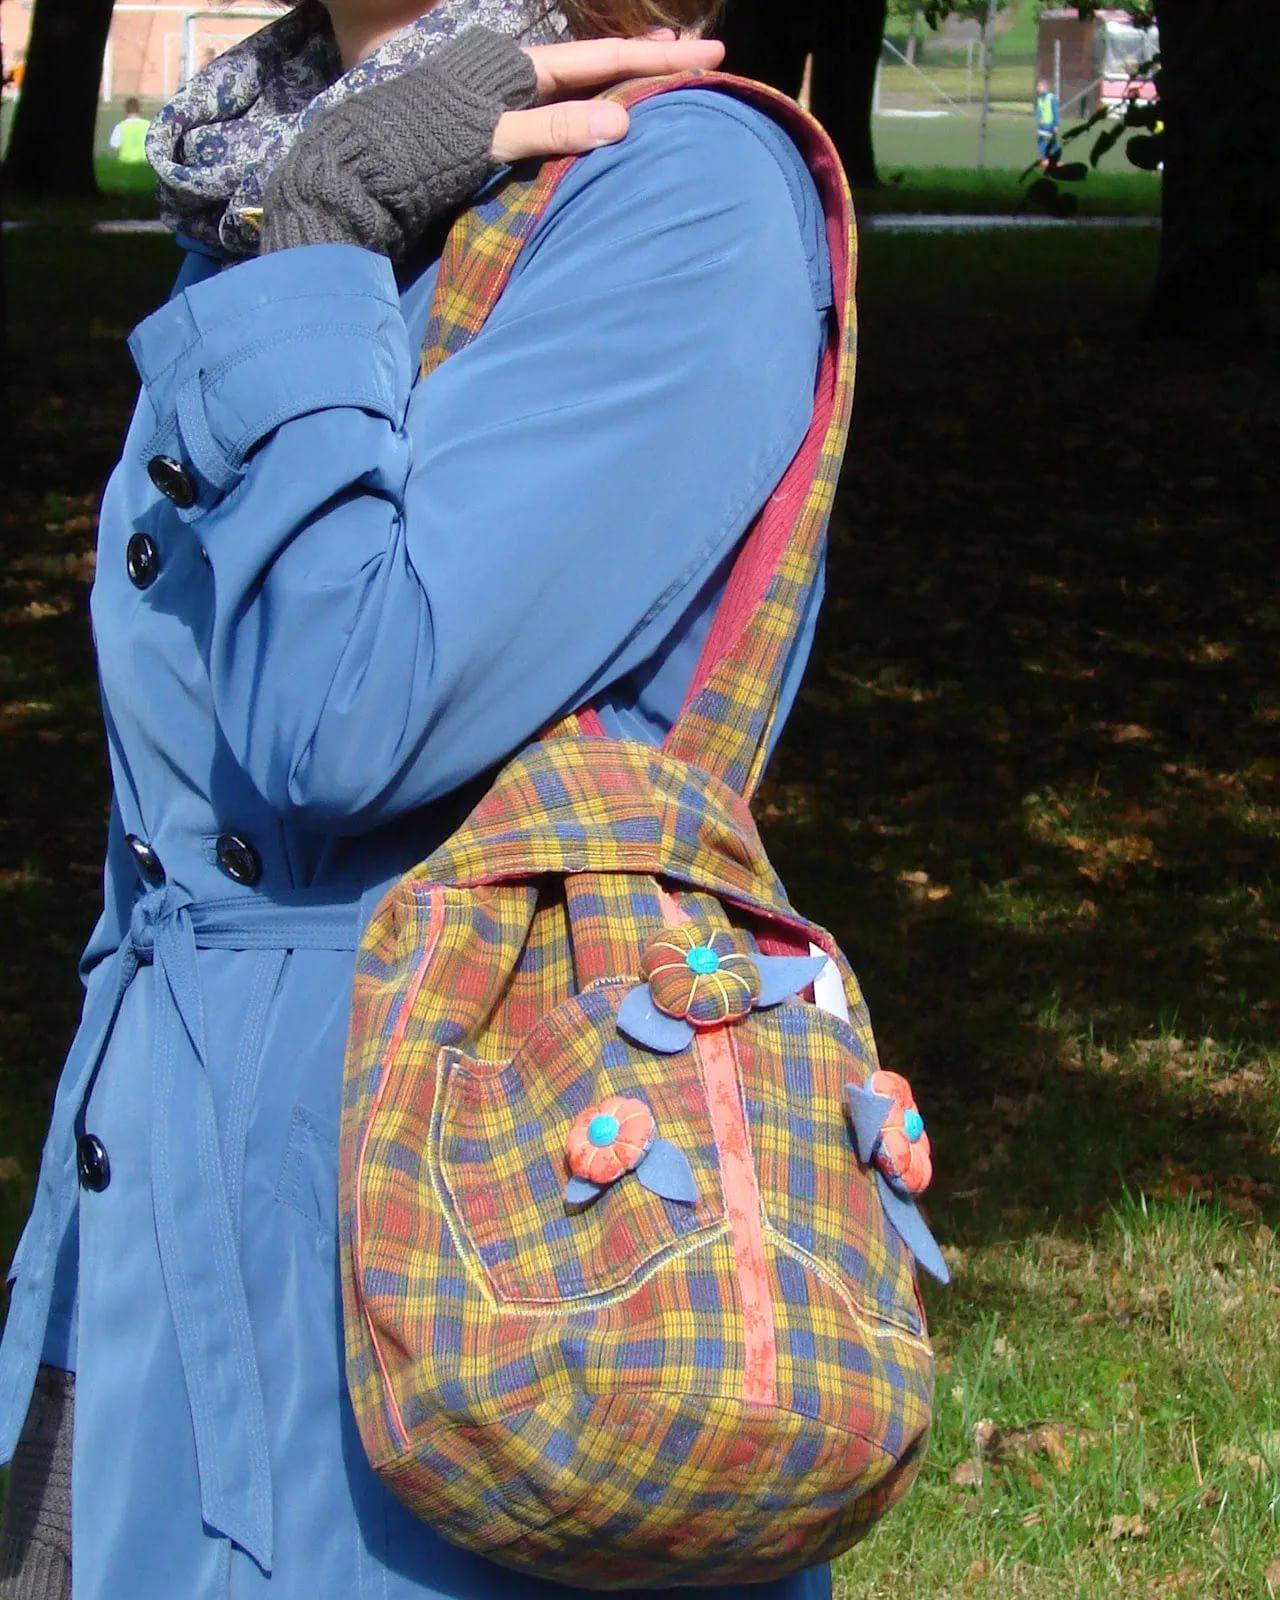 1b7a9bcc9502 Сумка через плечо своими руками (35 фото): как сшить маленькую ...